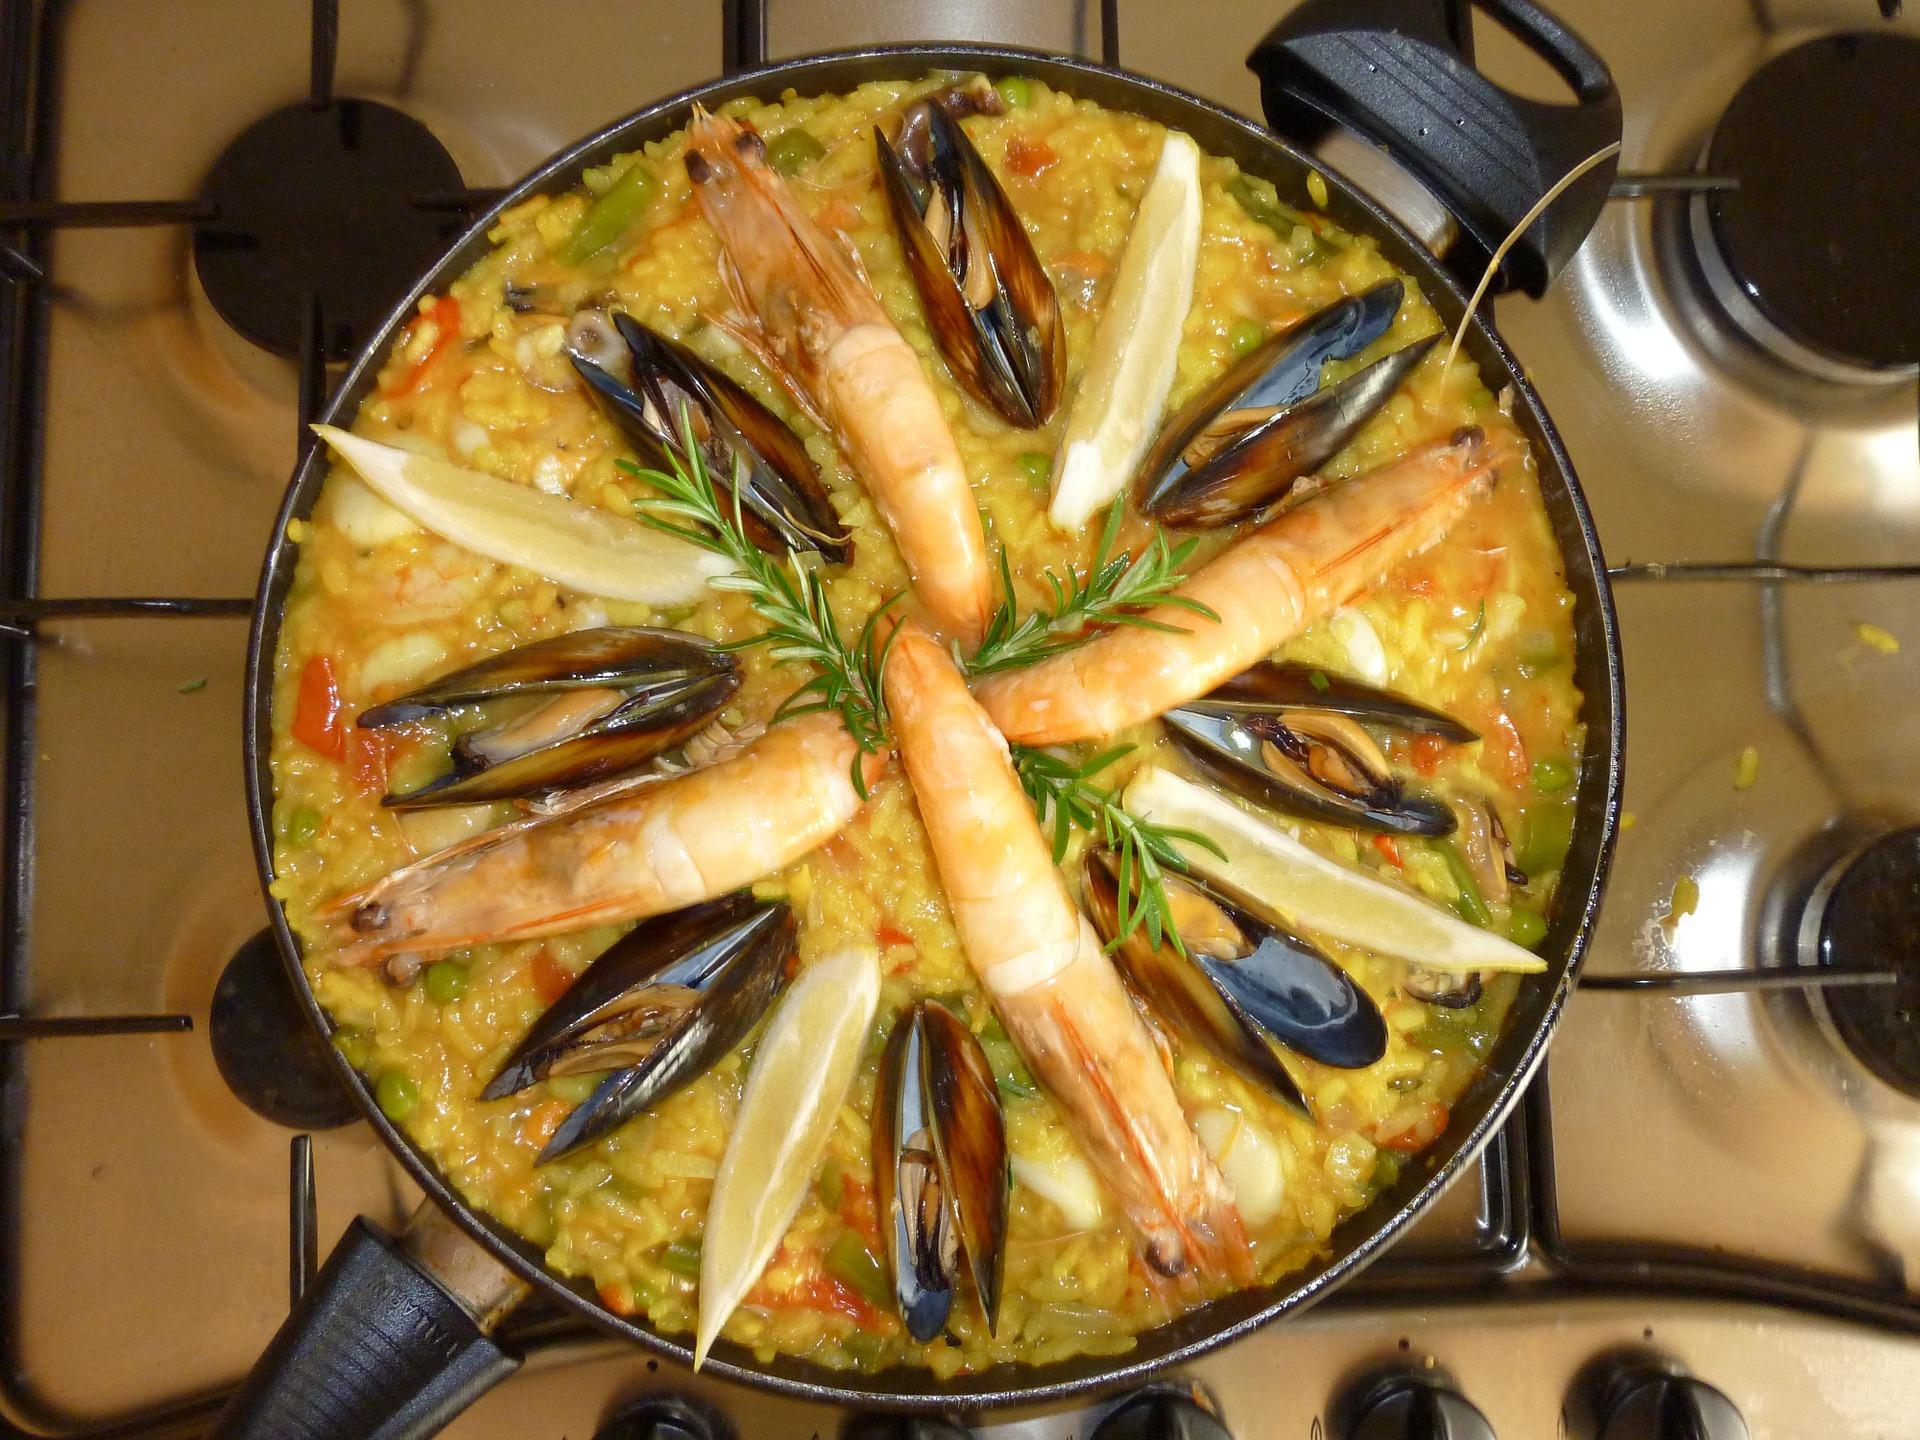 cocina gastronomia espana